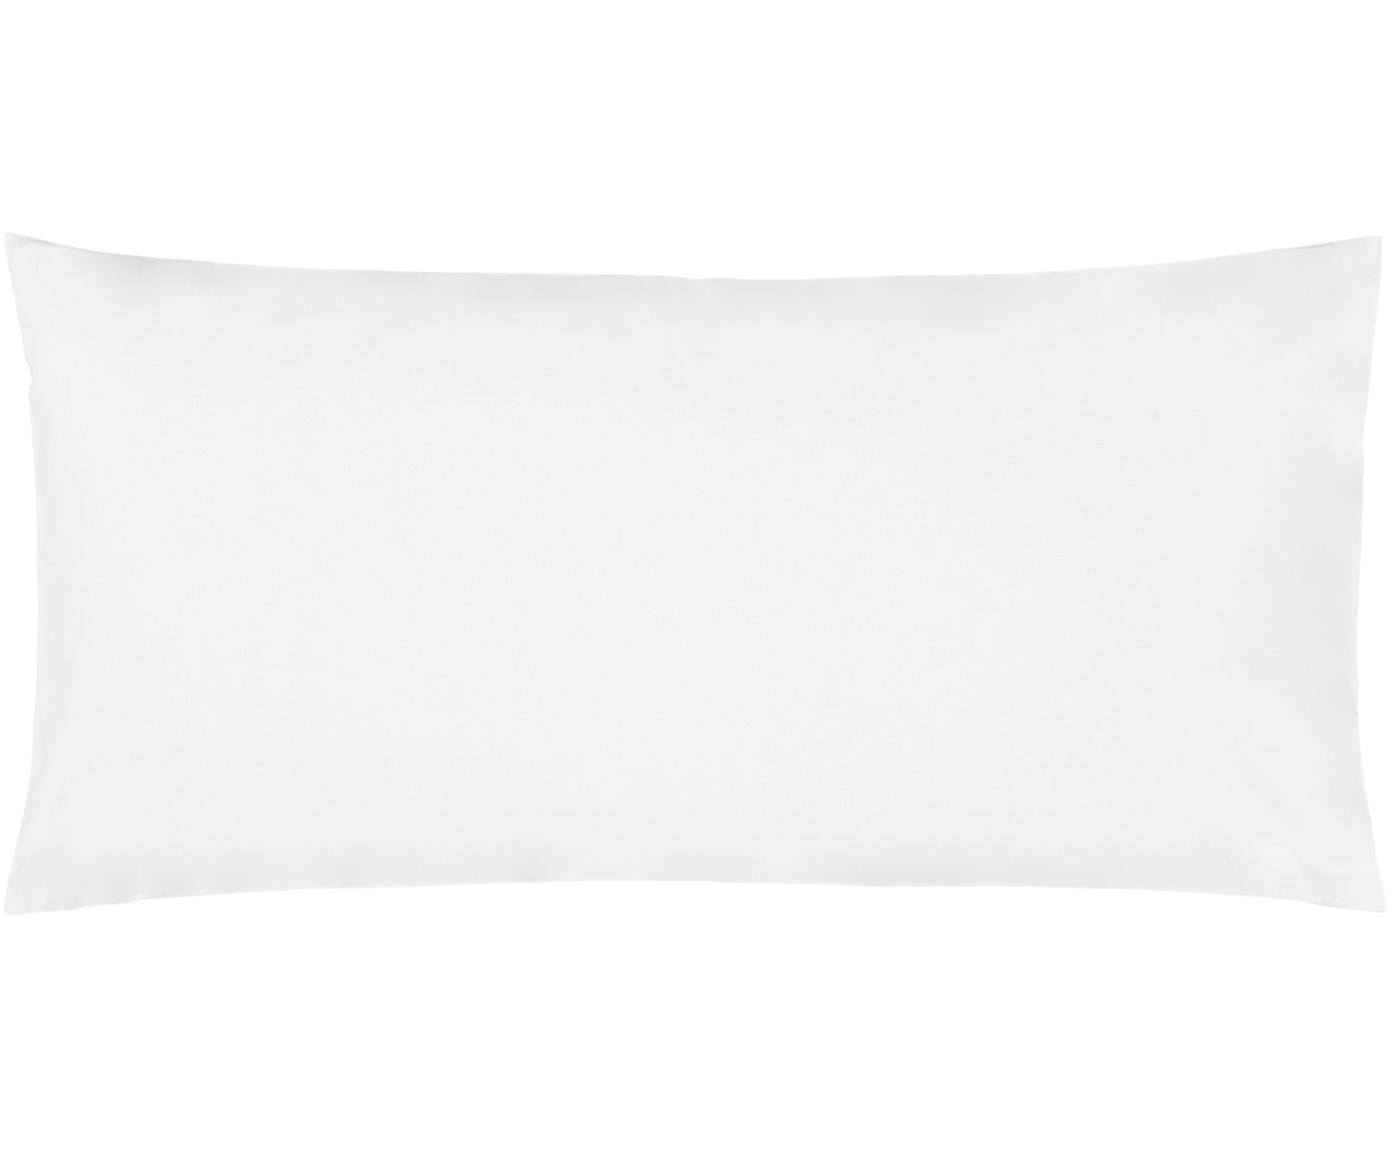 Baumwollperkal-Kissenbezüge Elsie in Weiss, 2 Stück, Webart: Perkal Fadendichte 200 TC, Weiss, 40 x 80 cm